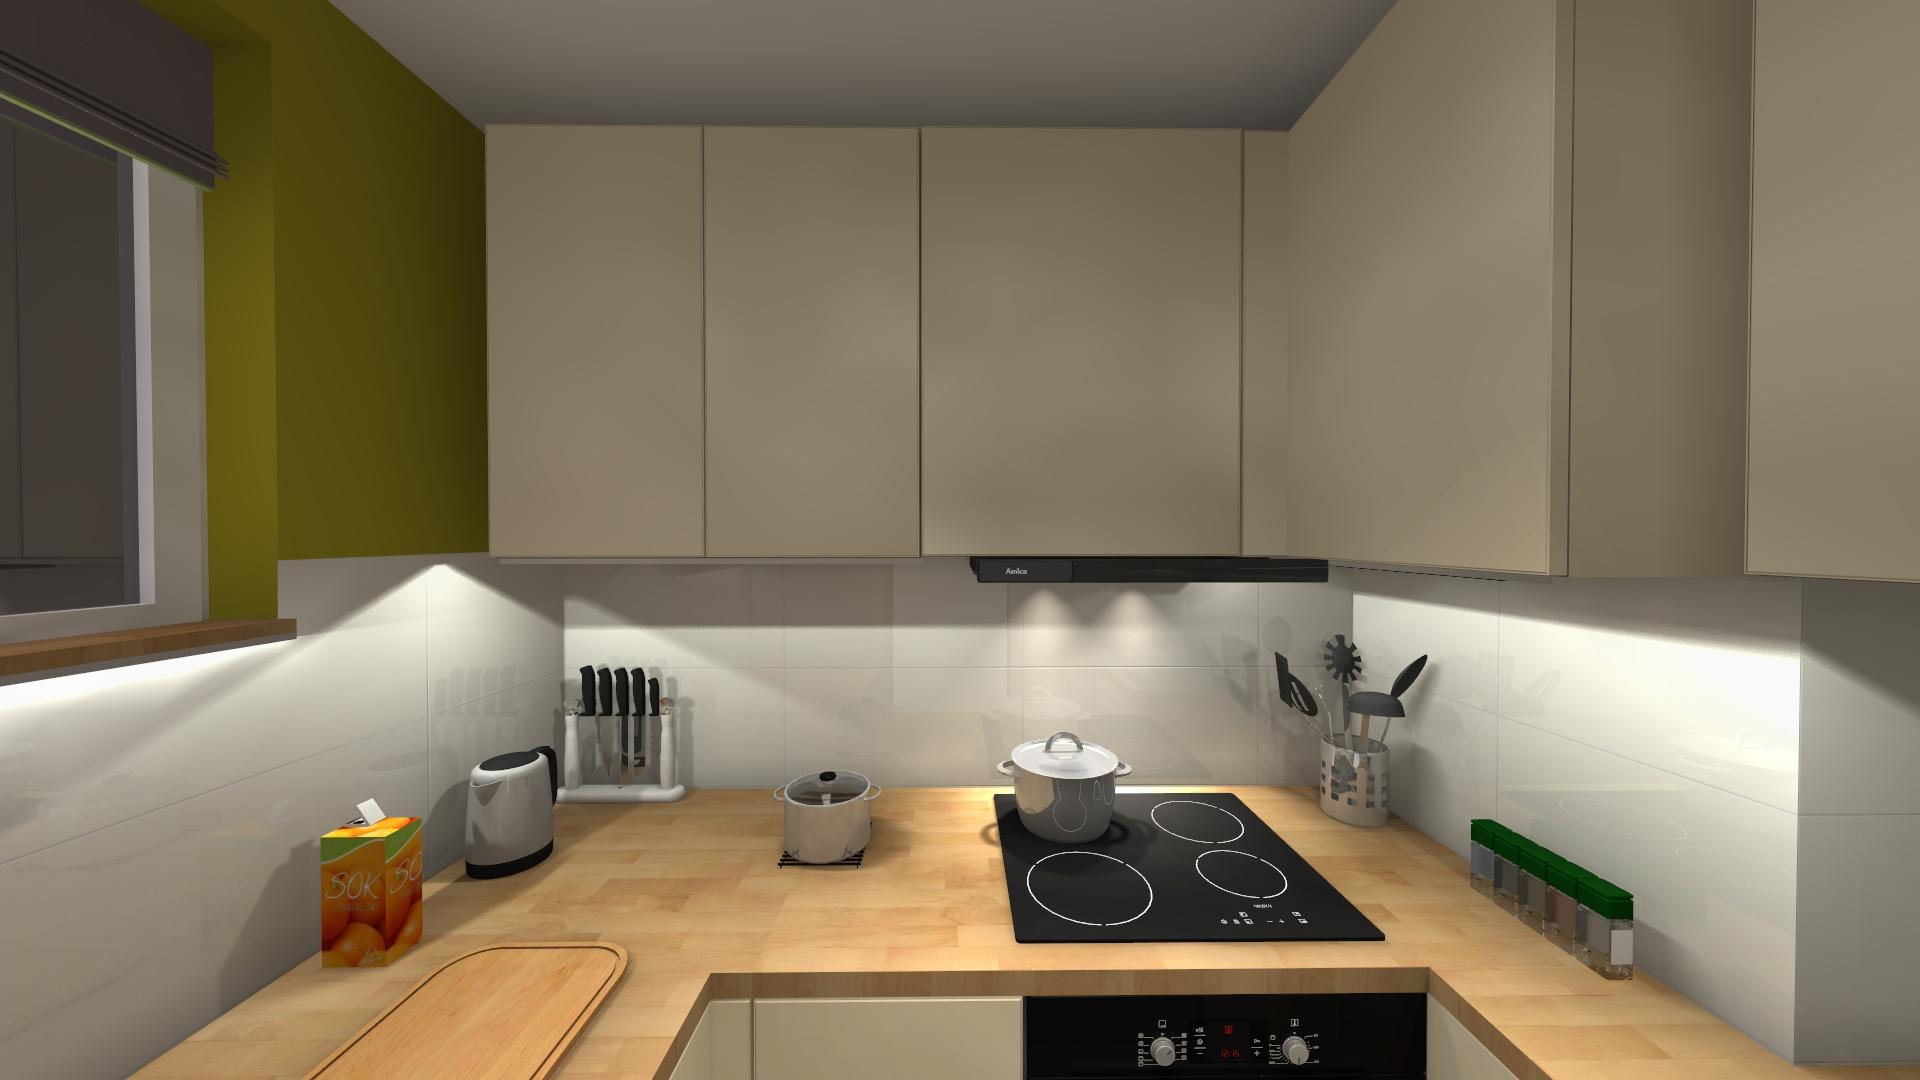 Mała Kuchnia (3)